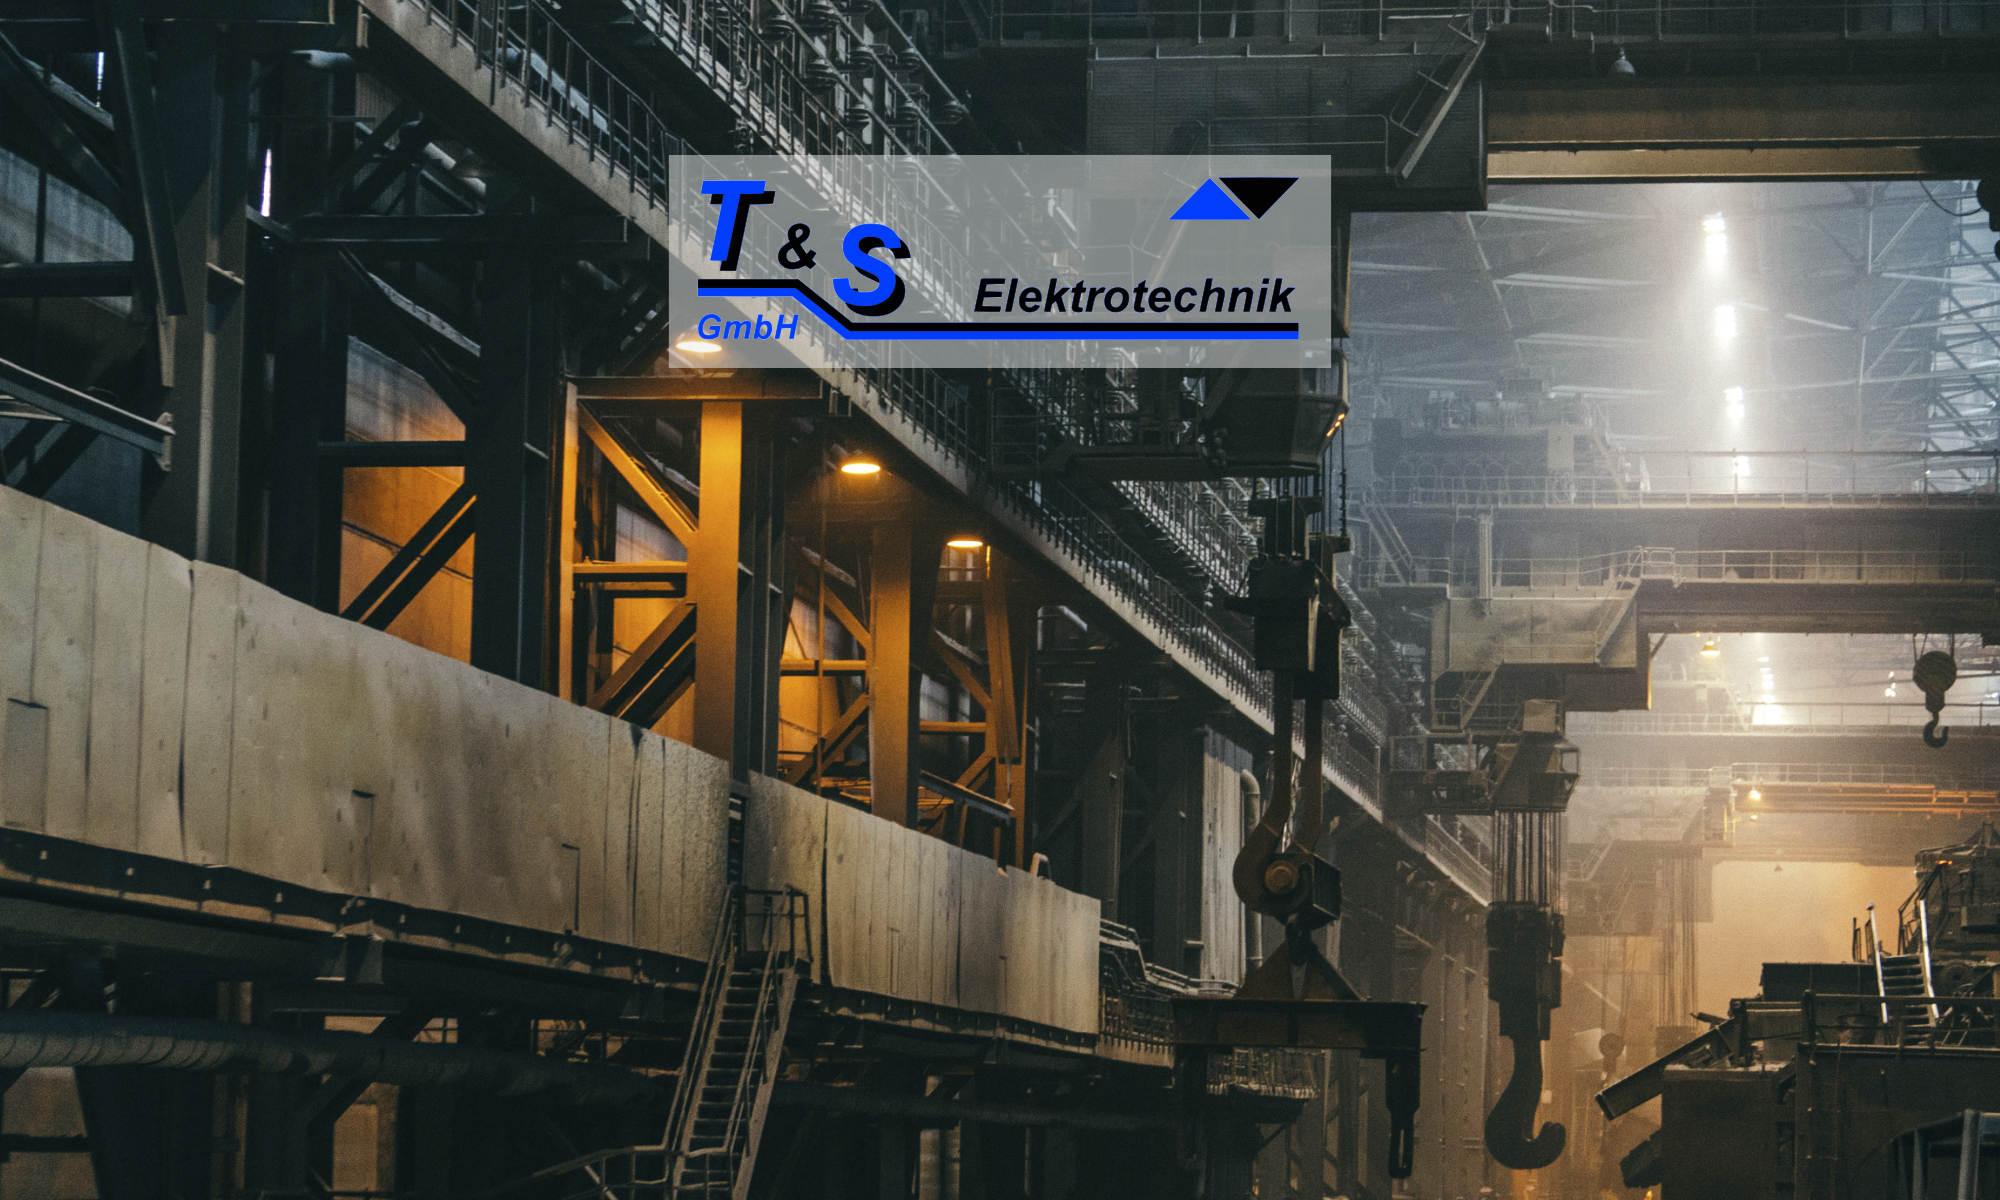 T&S Elektrotechnik GmbH